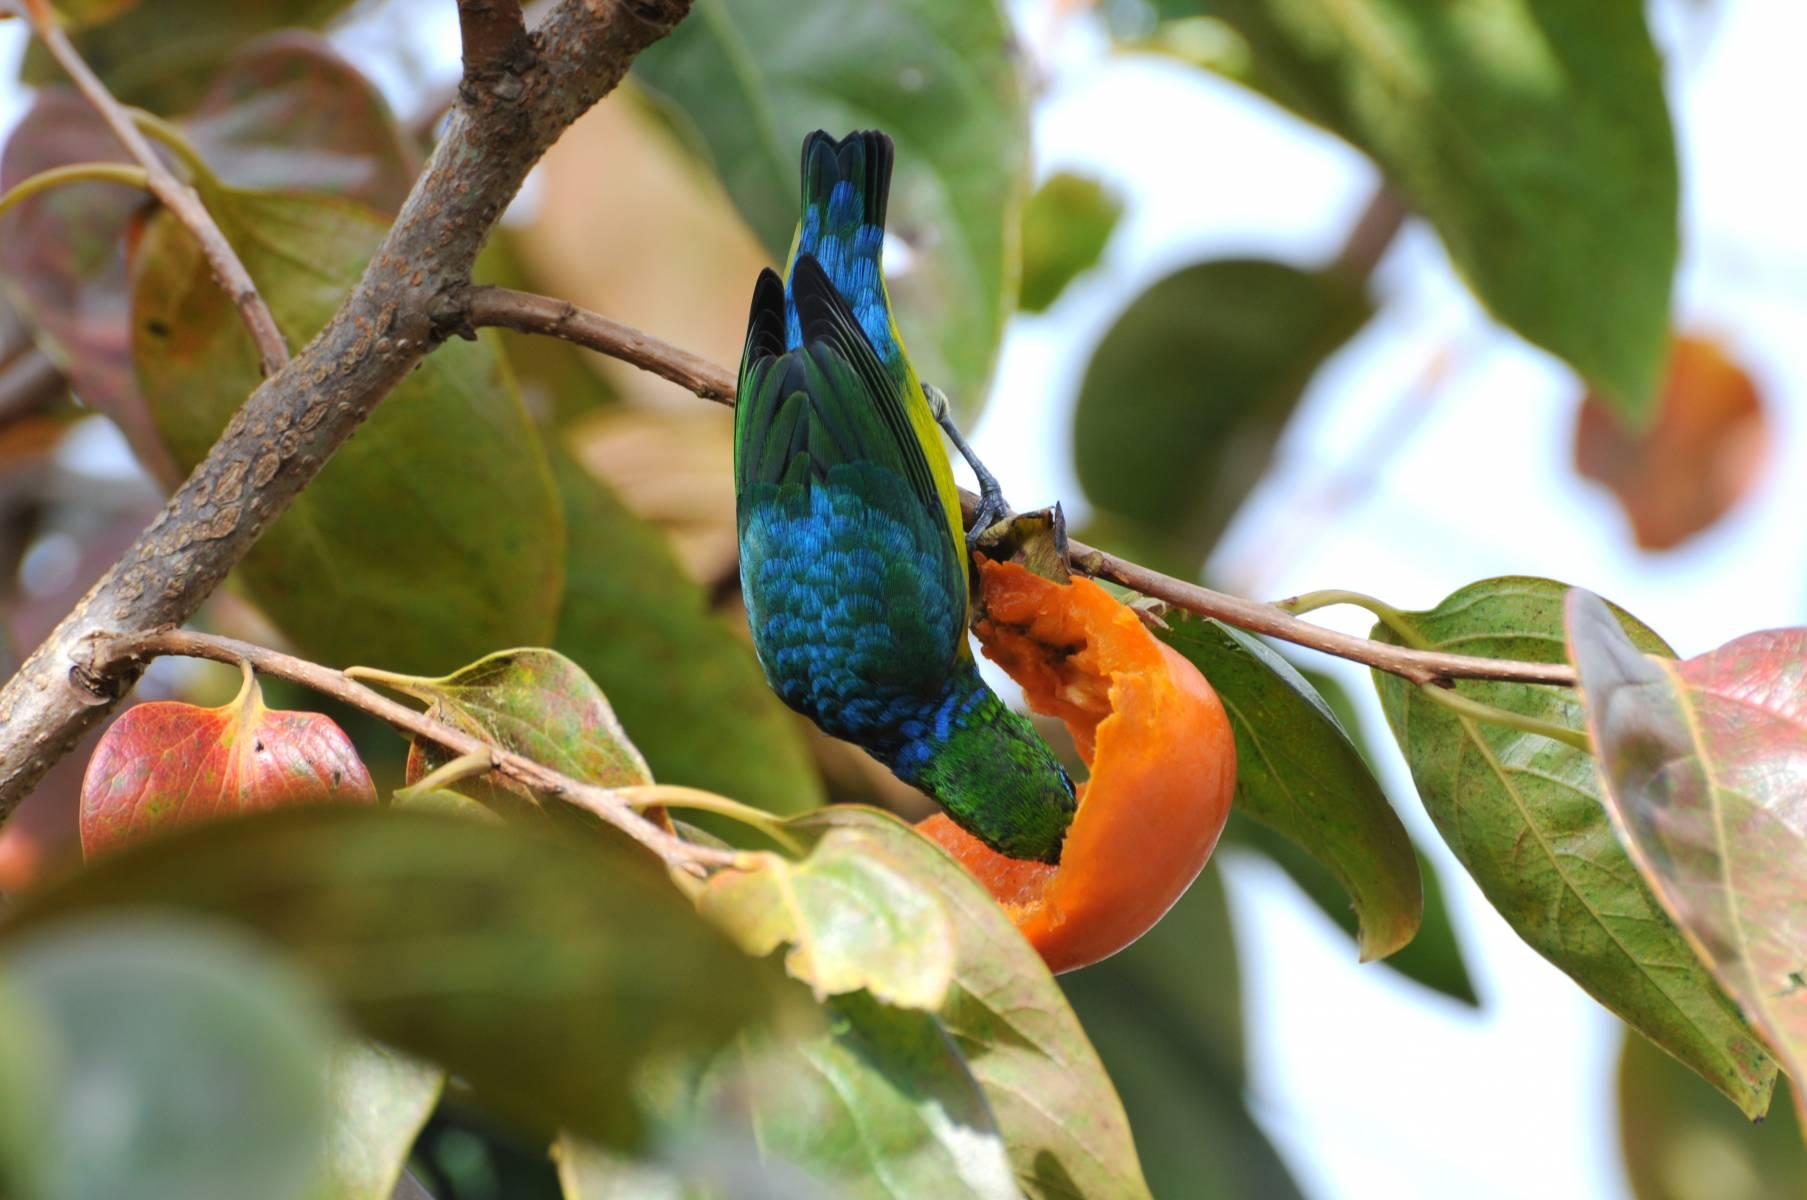 Bandeirinha - Plantas e Pássaros - Hotel Bangalôs da Serra #CurtaSuaFamilia #HotelSustentavel #TurismoVerde #TravelersChoice #EcoLider #Gramado